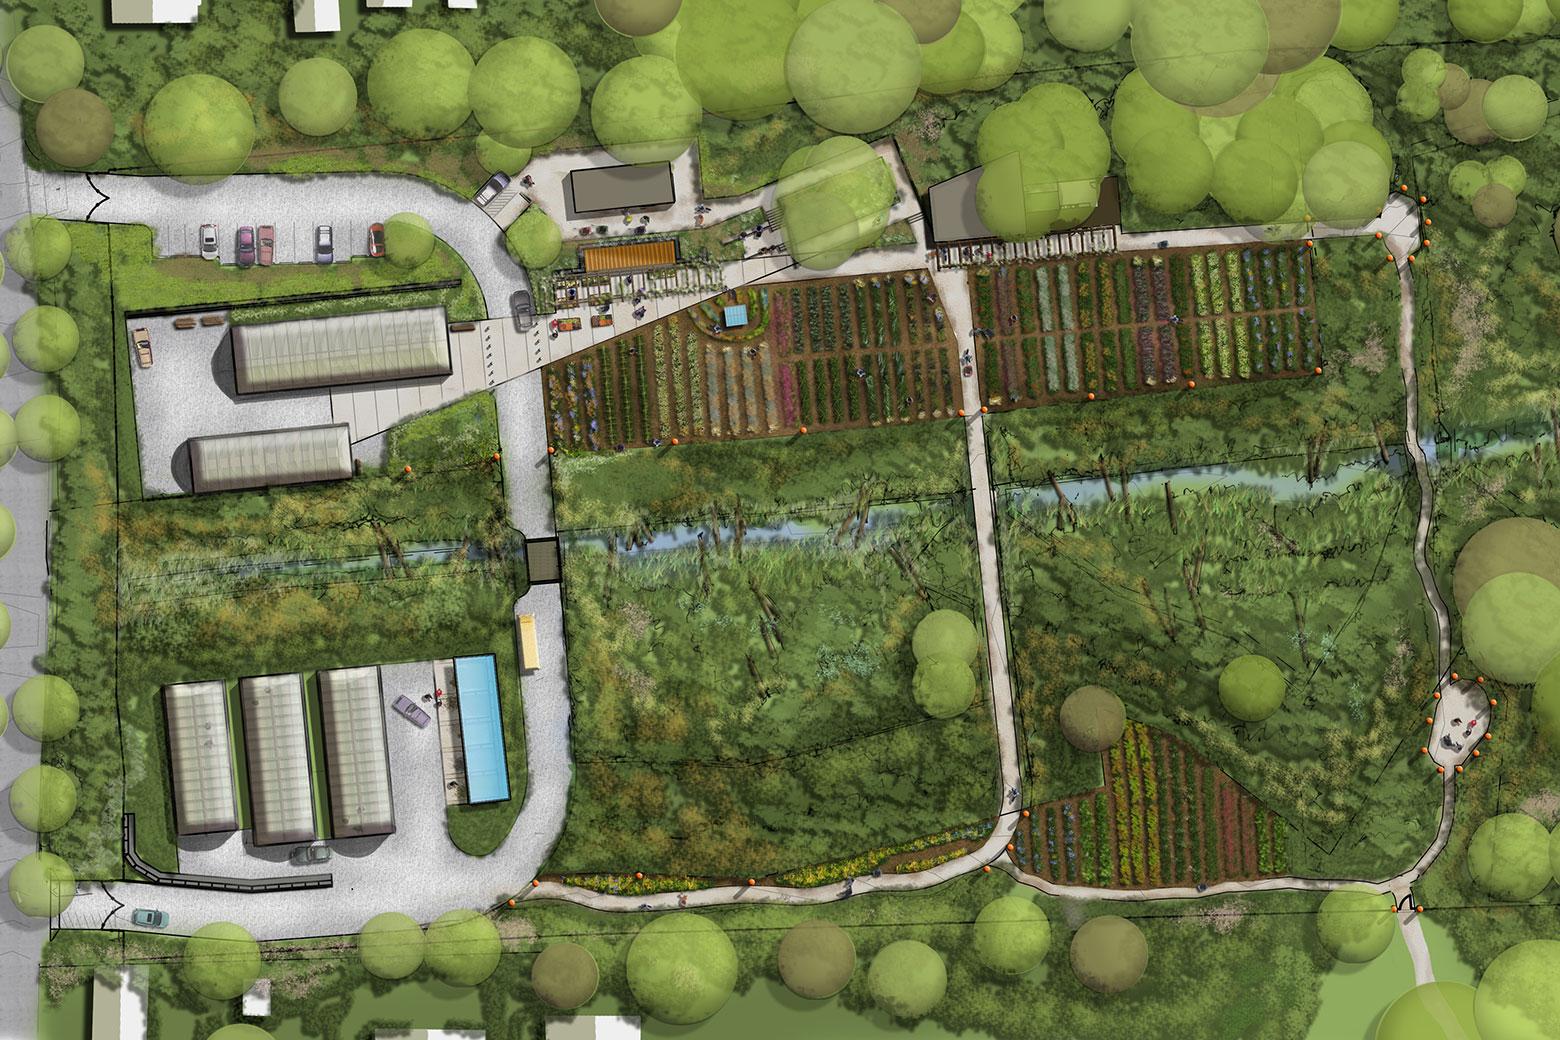 Rainier Beach Urban Farm & Wetland